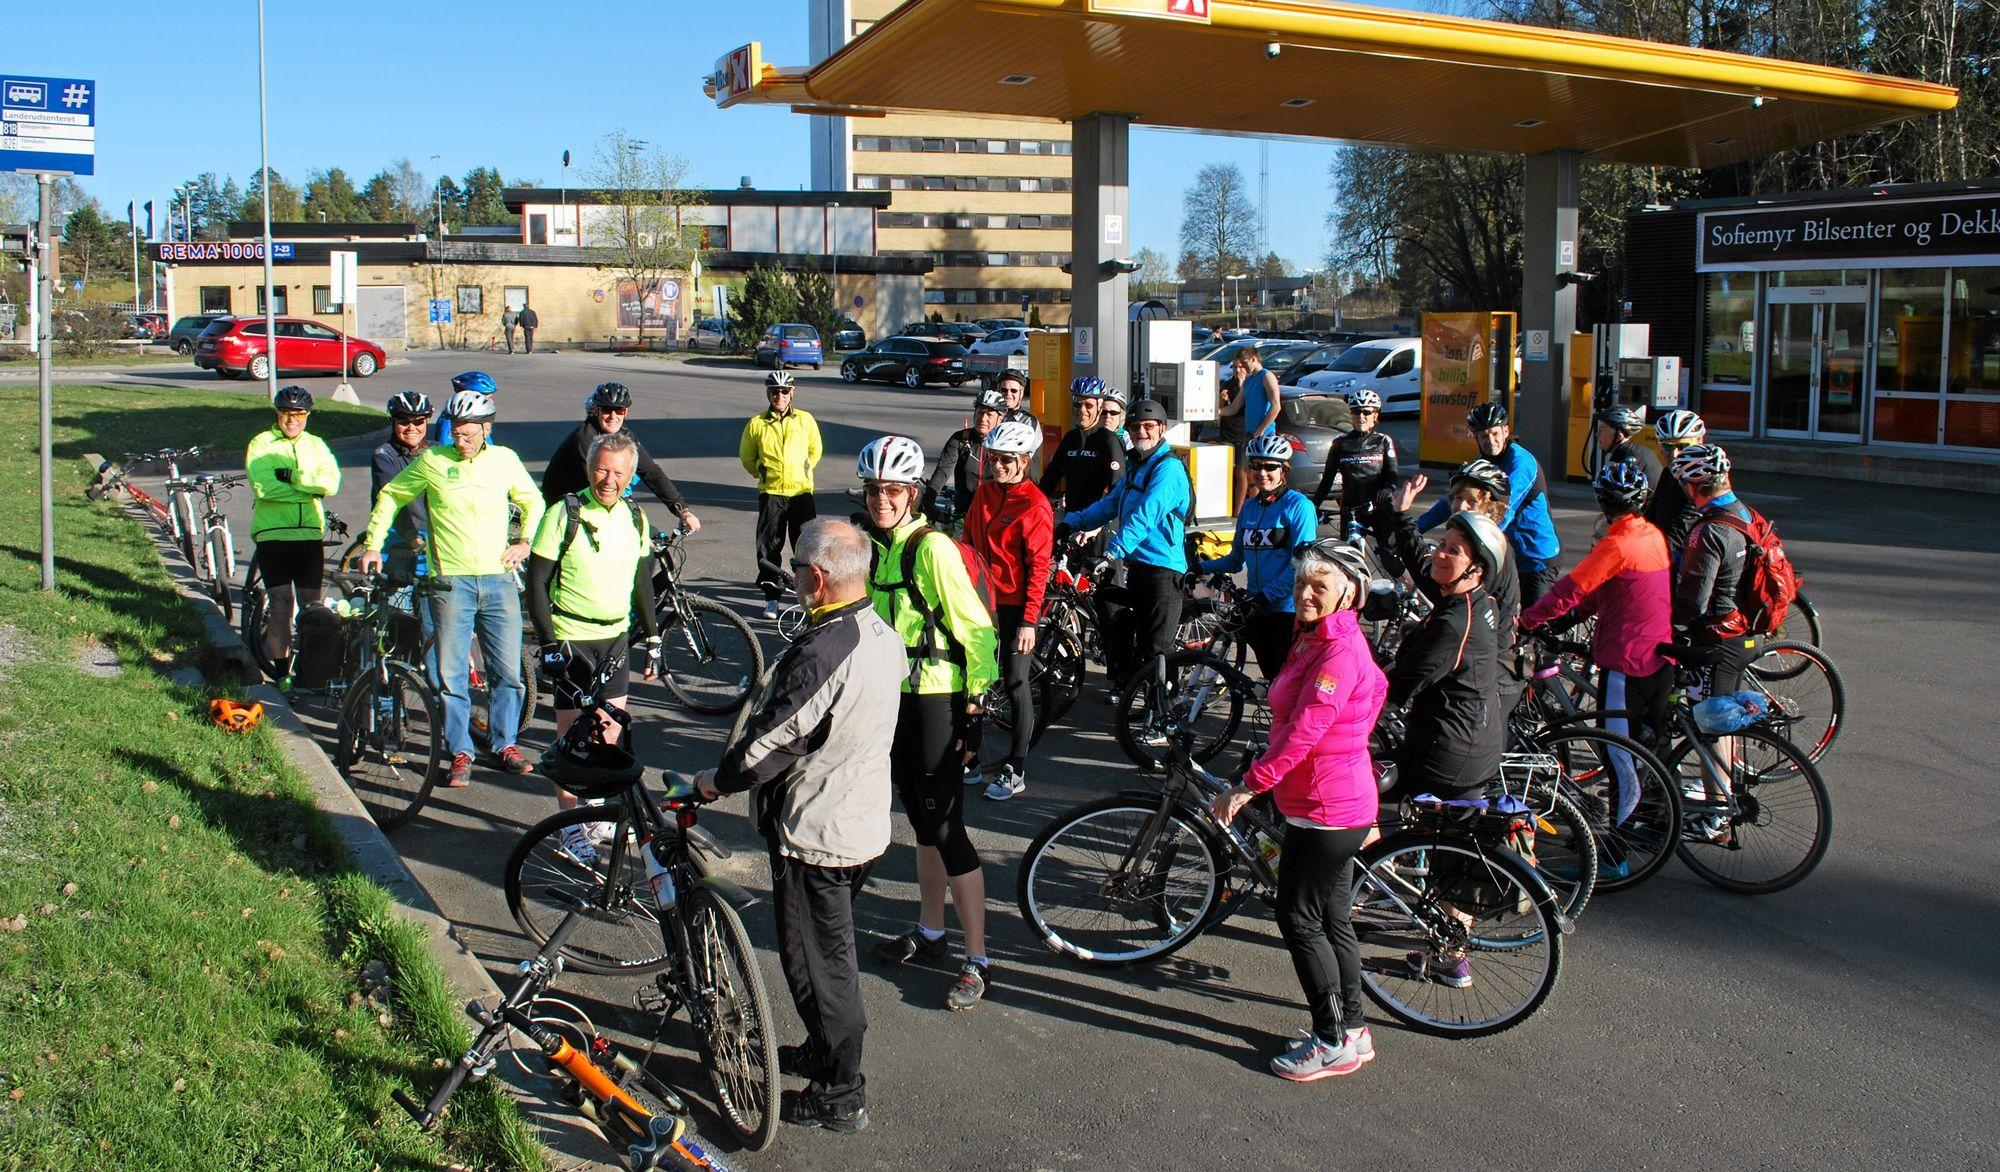 POPULÆRT: Oppmøtet på tidligere arrangerte sykkelturer har vært formidabelt. Denne høsten håper kommunen at enda flere ønsker å oppdage kommunen på to hjul.